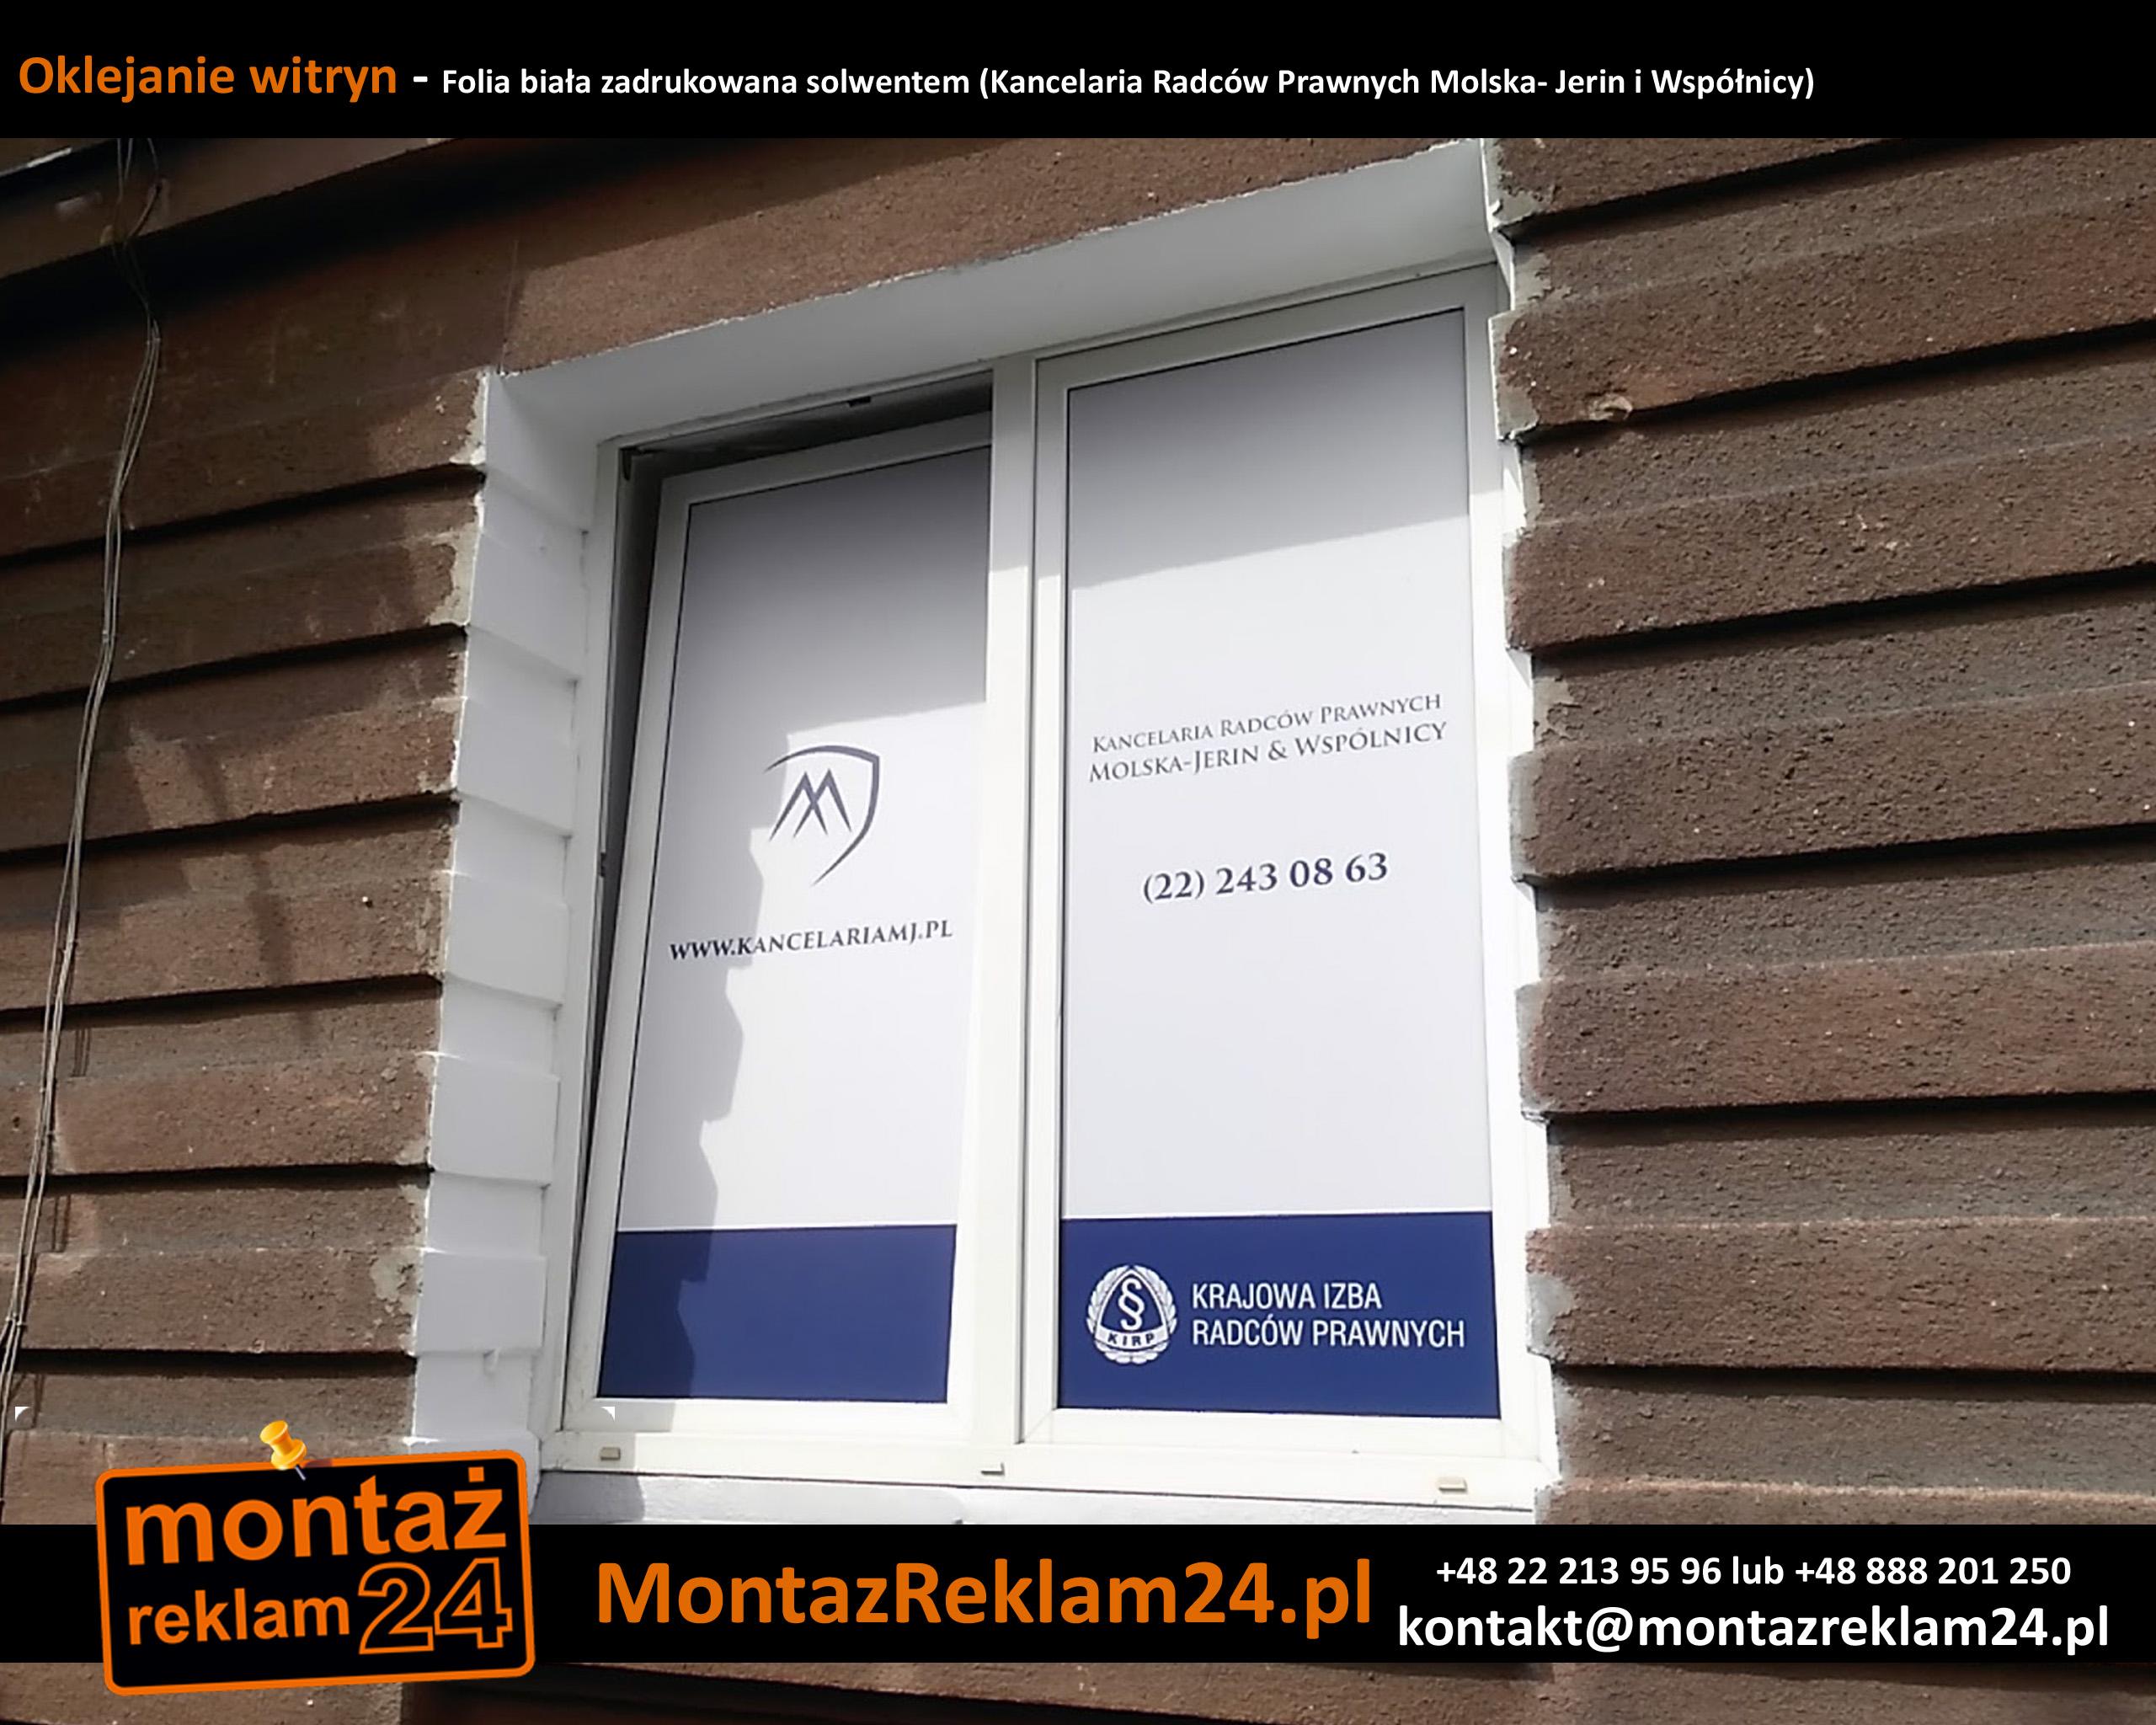 Oklejanie witryn - Folia biała zadrukowana solwentem (Kancelaria Radców Prawnych Molska- Jerin i Współnicy).jpg